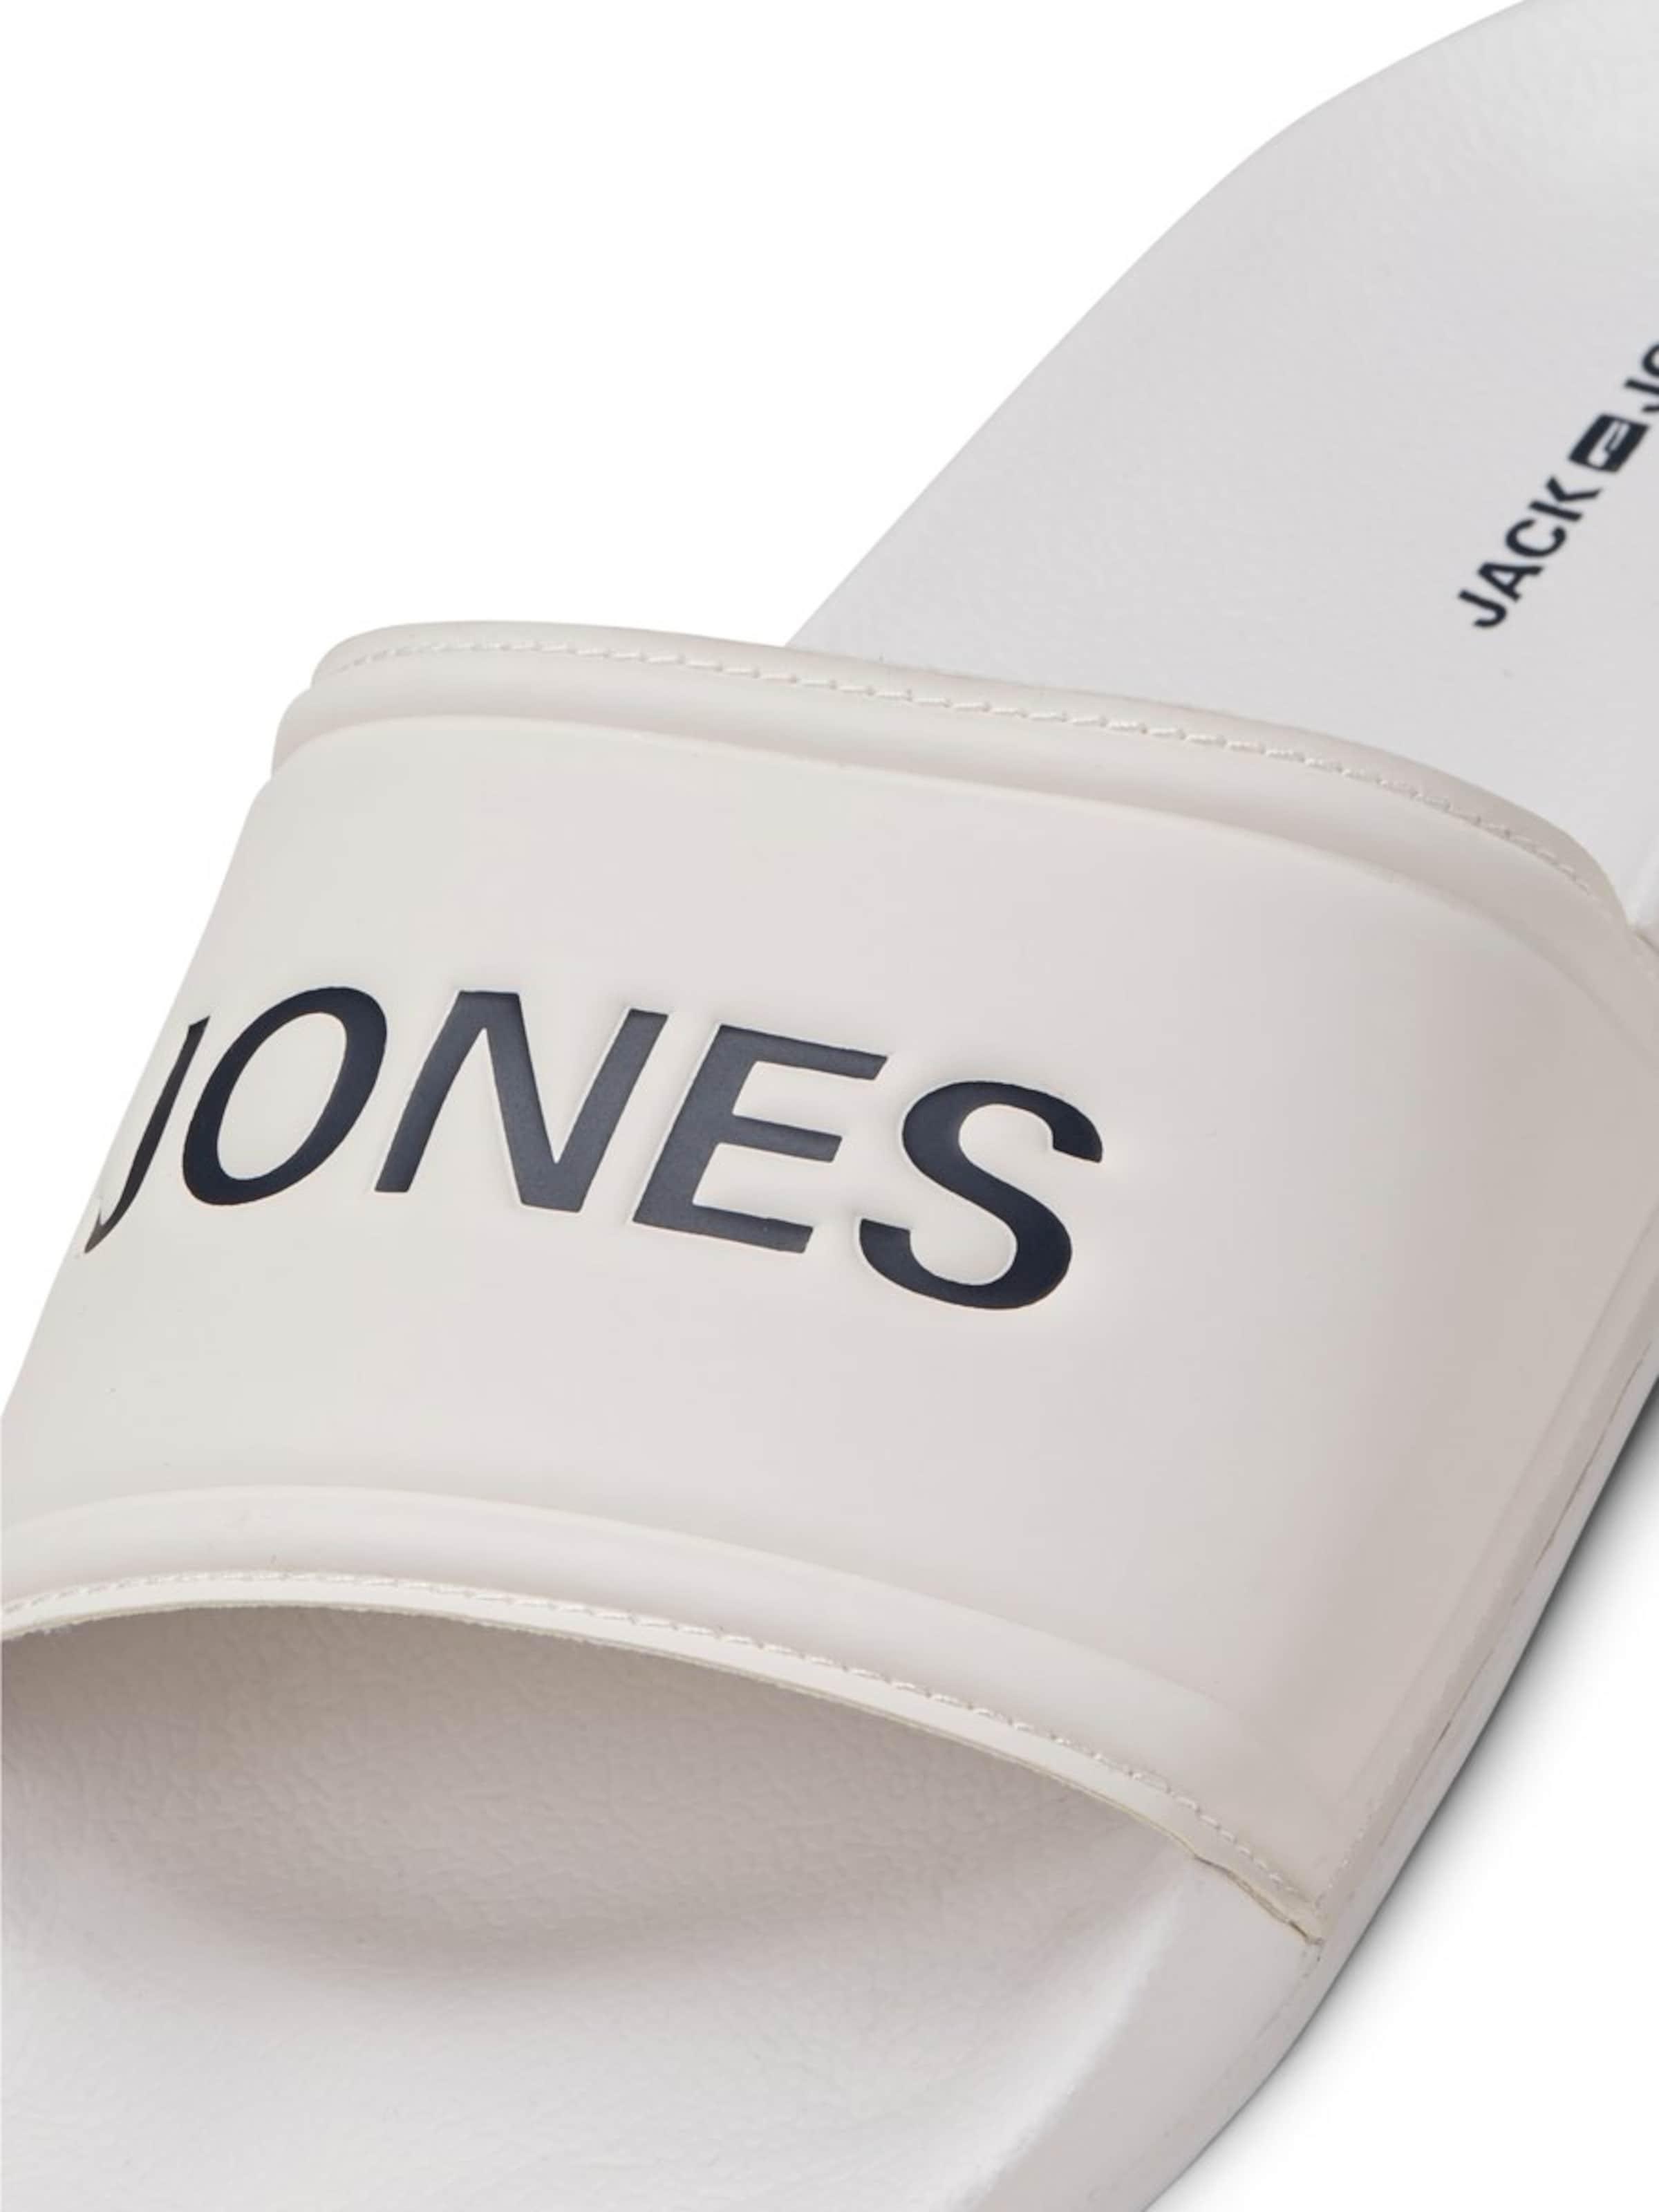 Jackamp; Pantoufle Jones En En Jackamp; Jones Pantoufle Blanc Blanc CBordxe